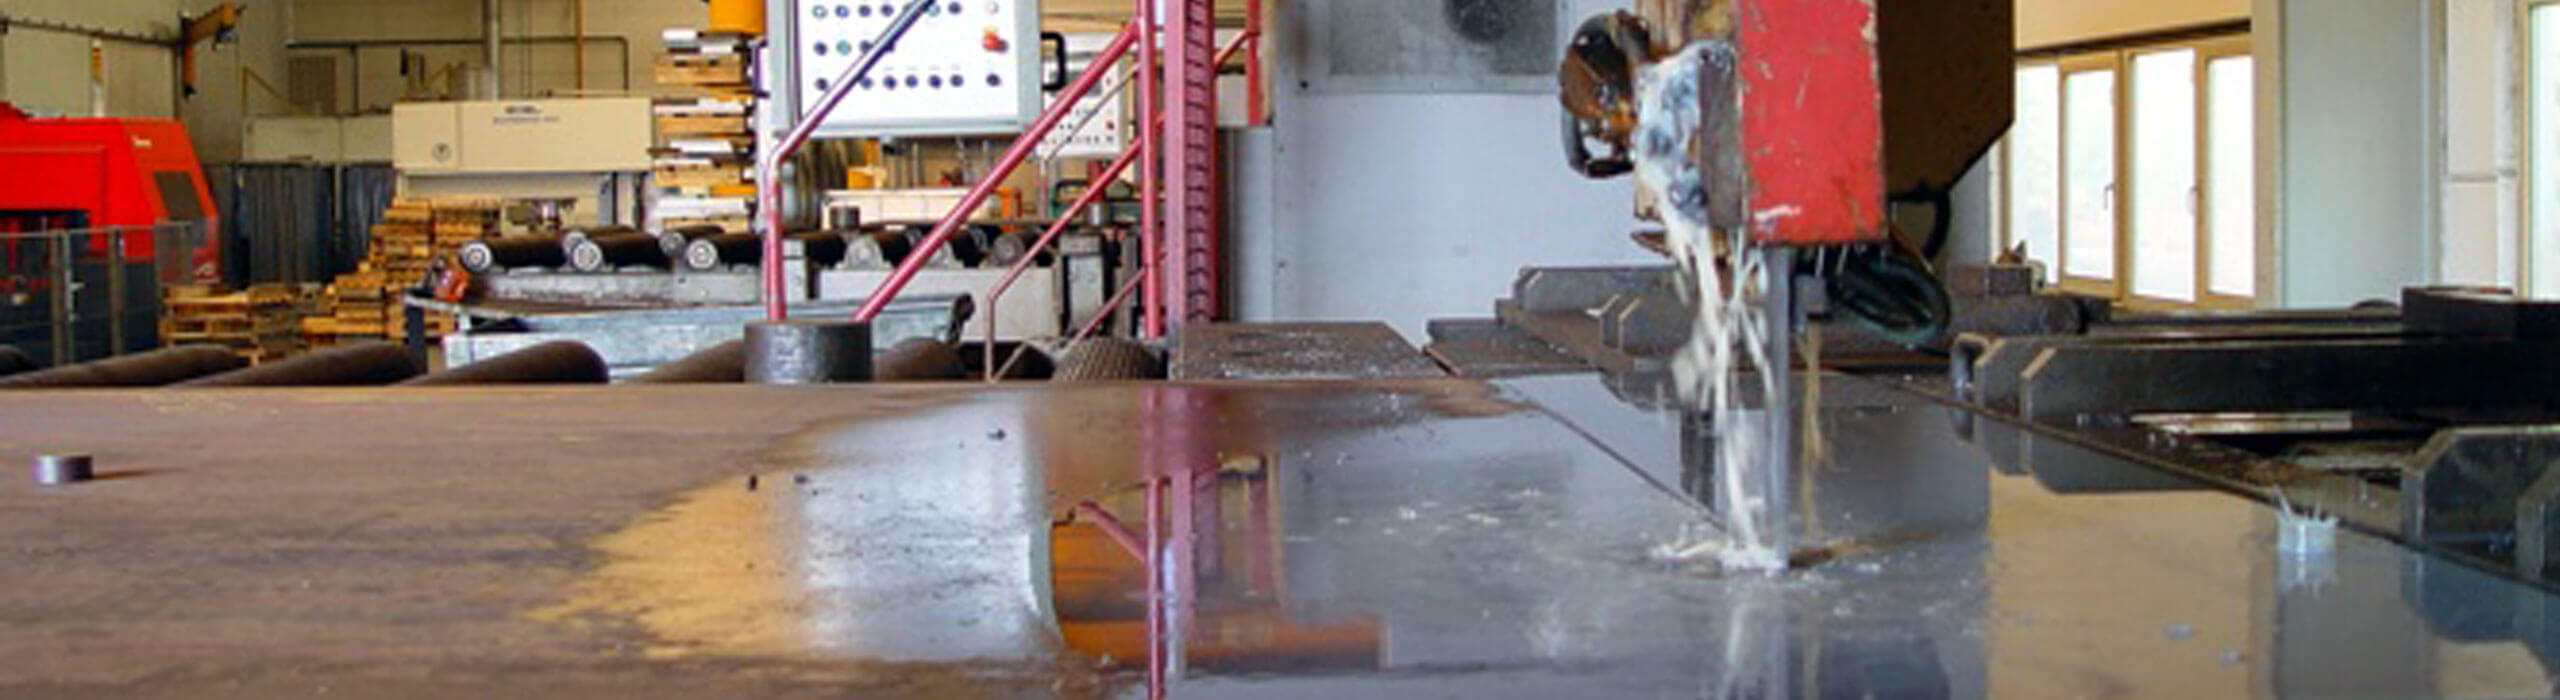 RSB-Stahl-Fertigungsleistungen-Maschinenbau_Werkzeugbau-Saegebetrieb-2